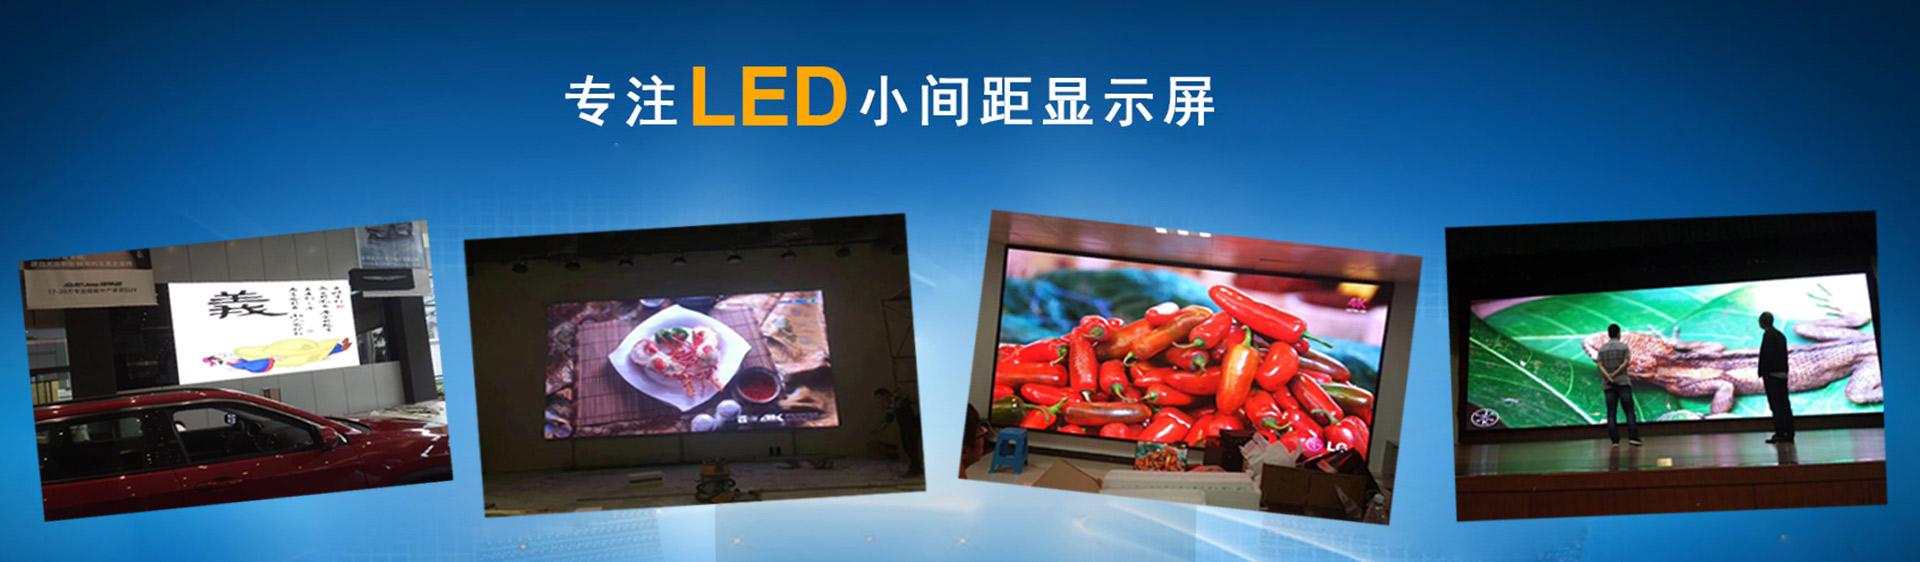 重庆LED透明屏批发